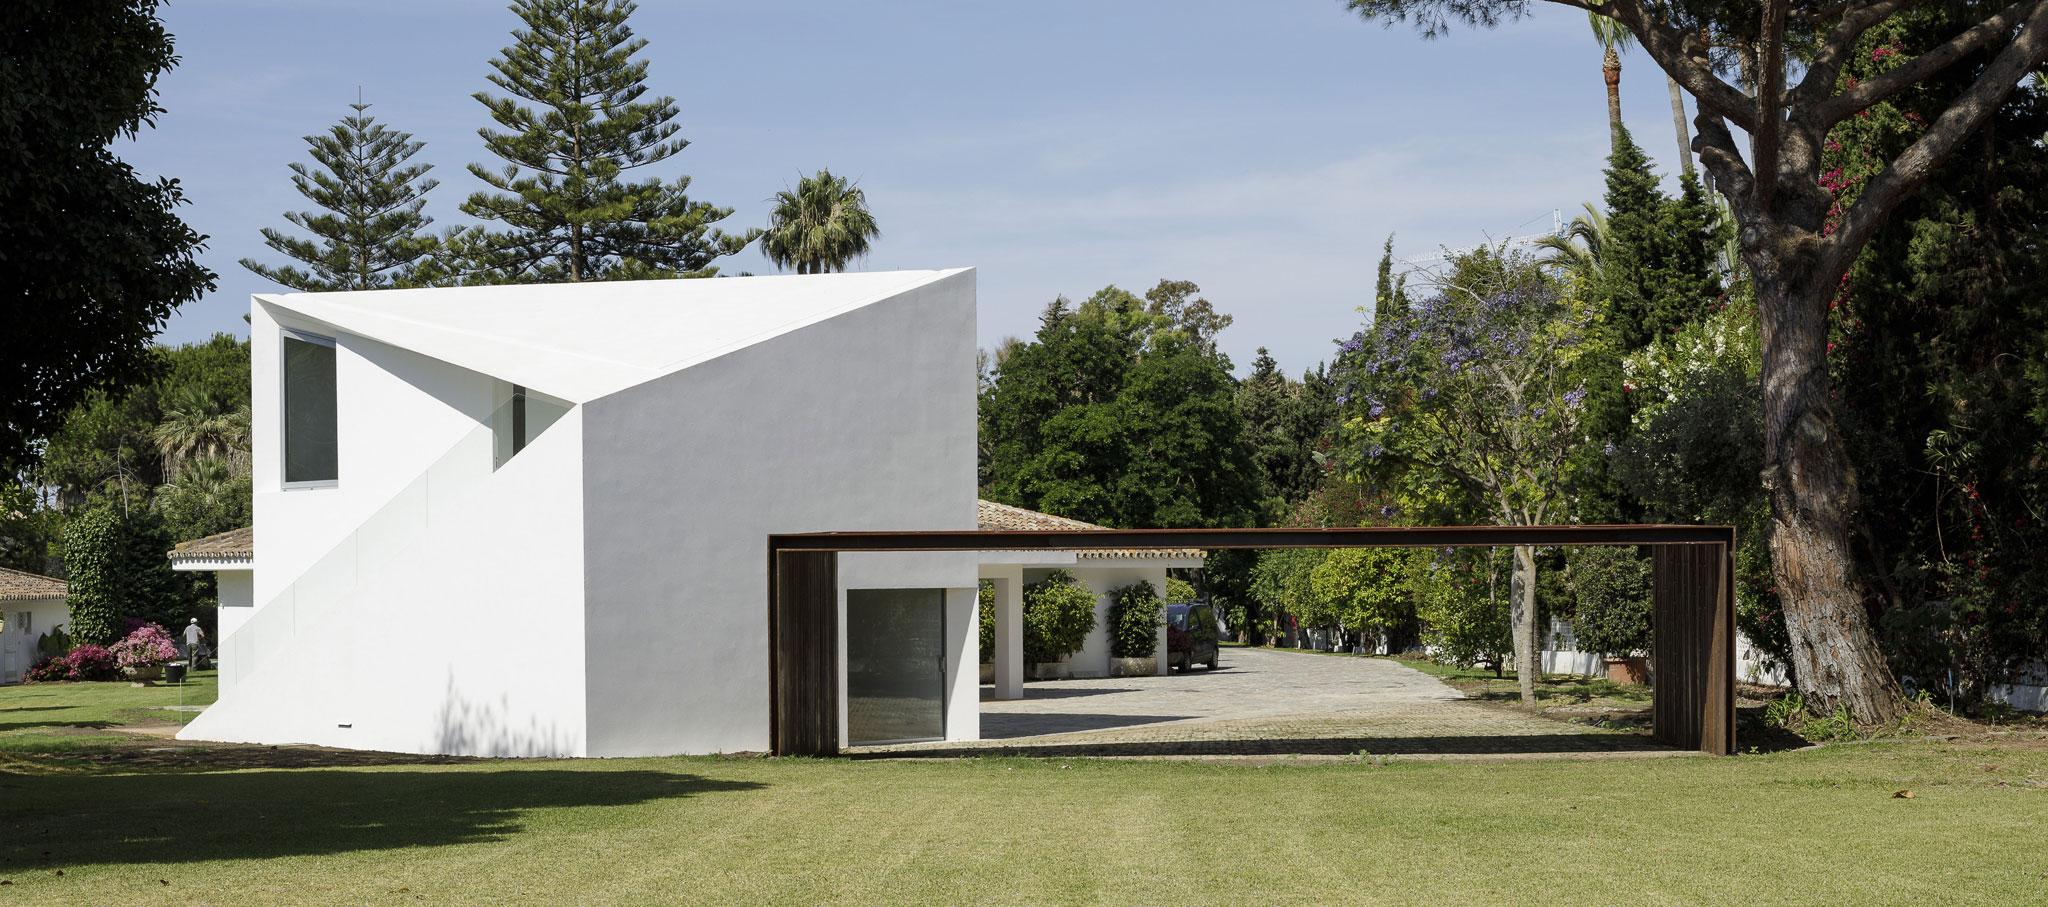 Pabellón de invitados de Villa Magnolia, nuevo proyecto por El Muelle. Fotografía por Fernando Alda